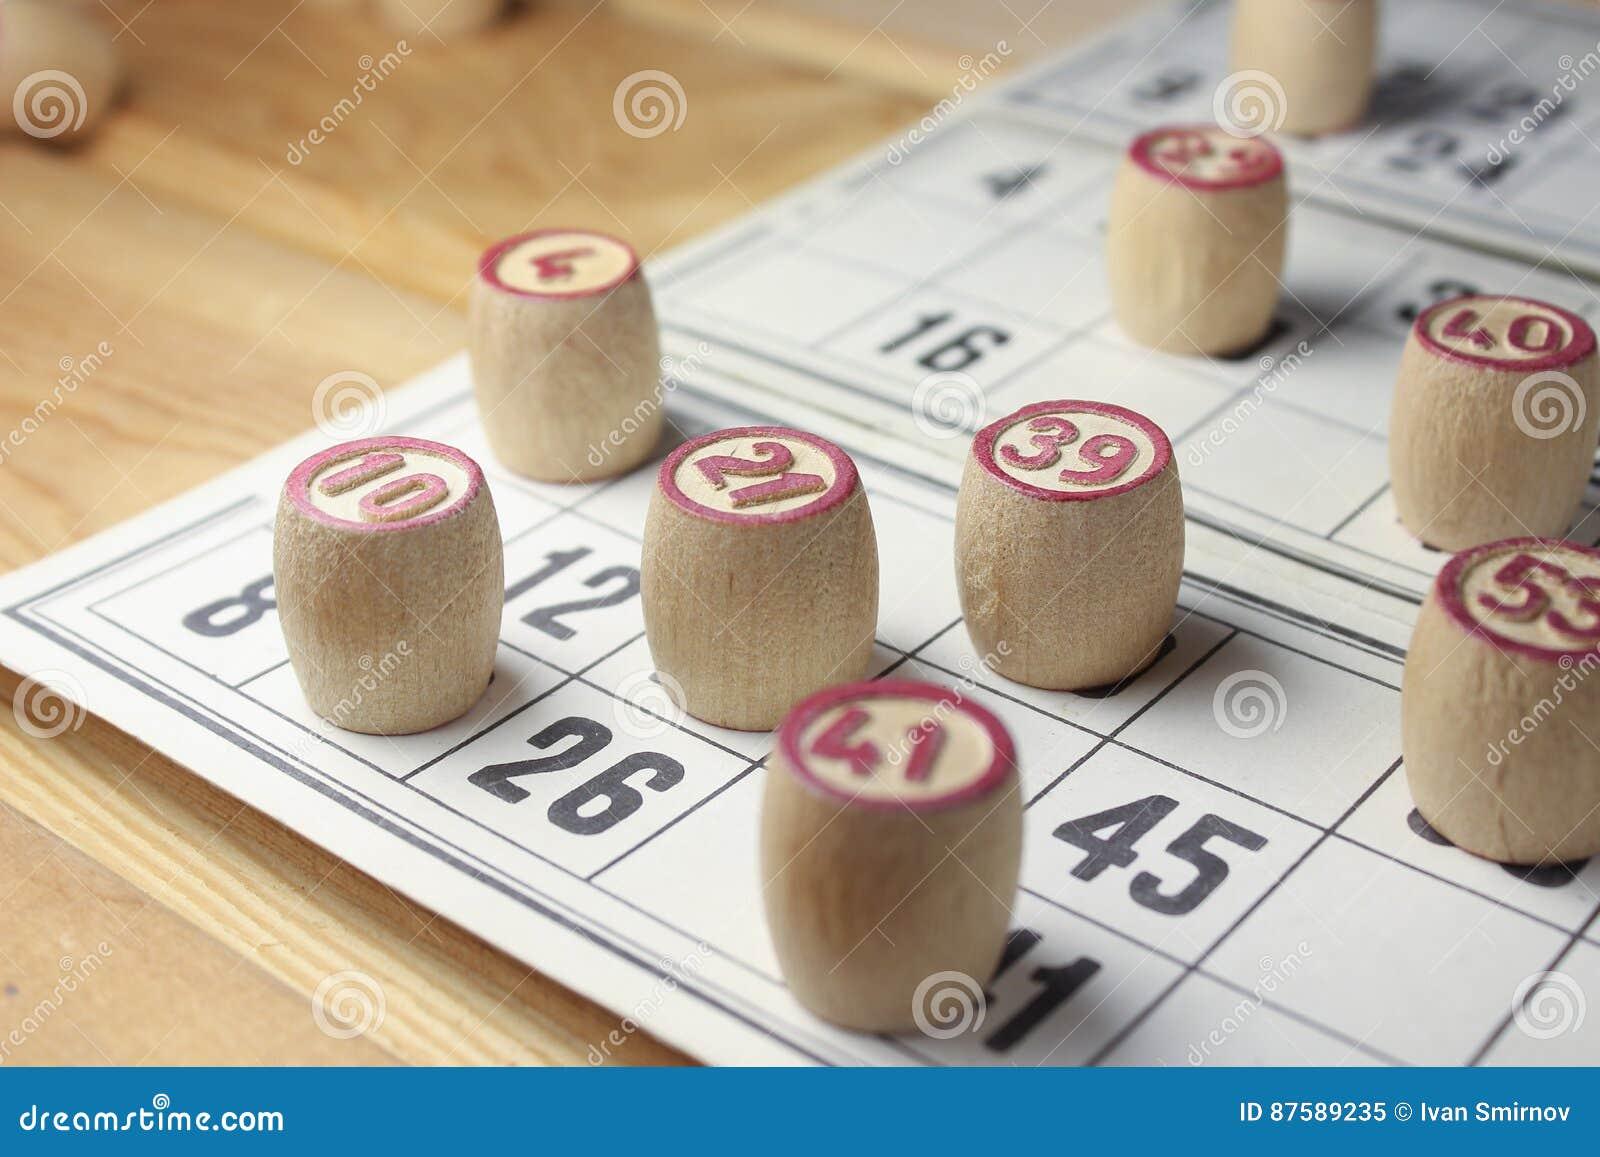 Das Spiel von Bingo stockbild. Bild von kreis, wahrscheinlichkeit ...